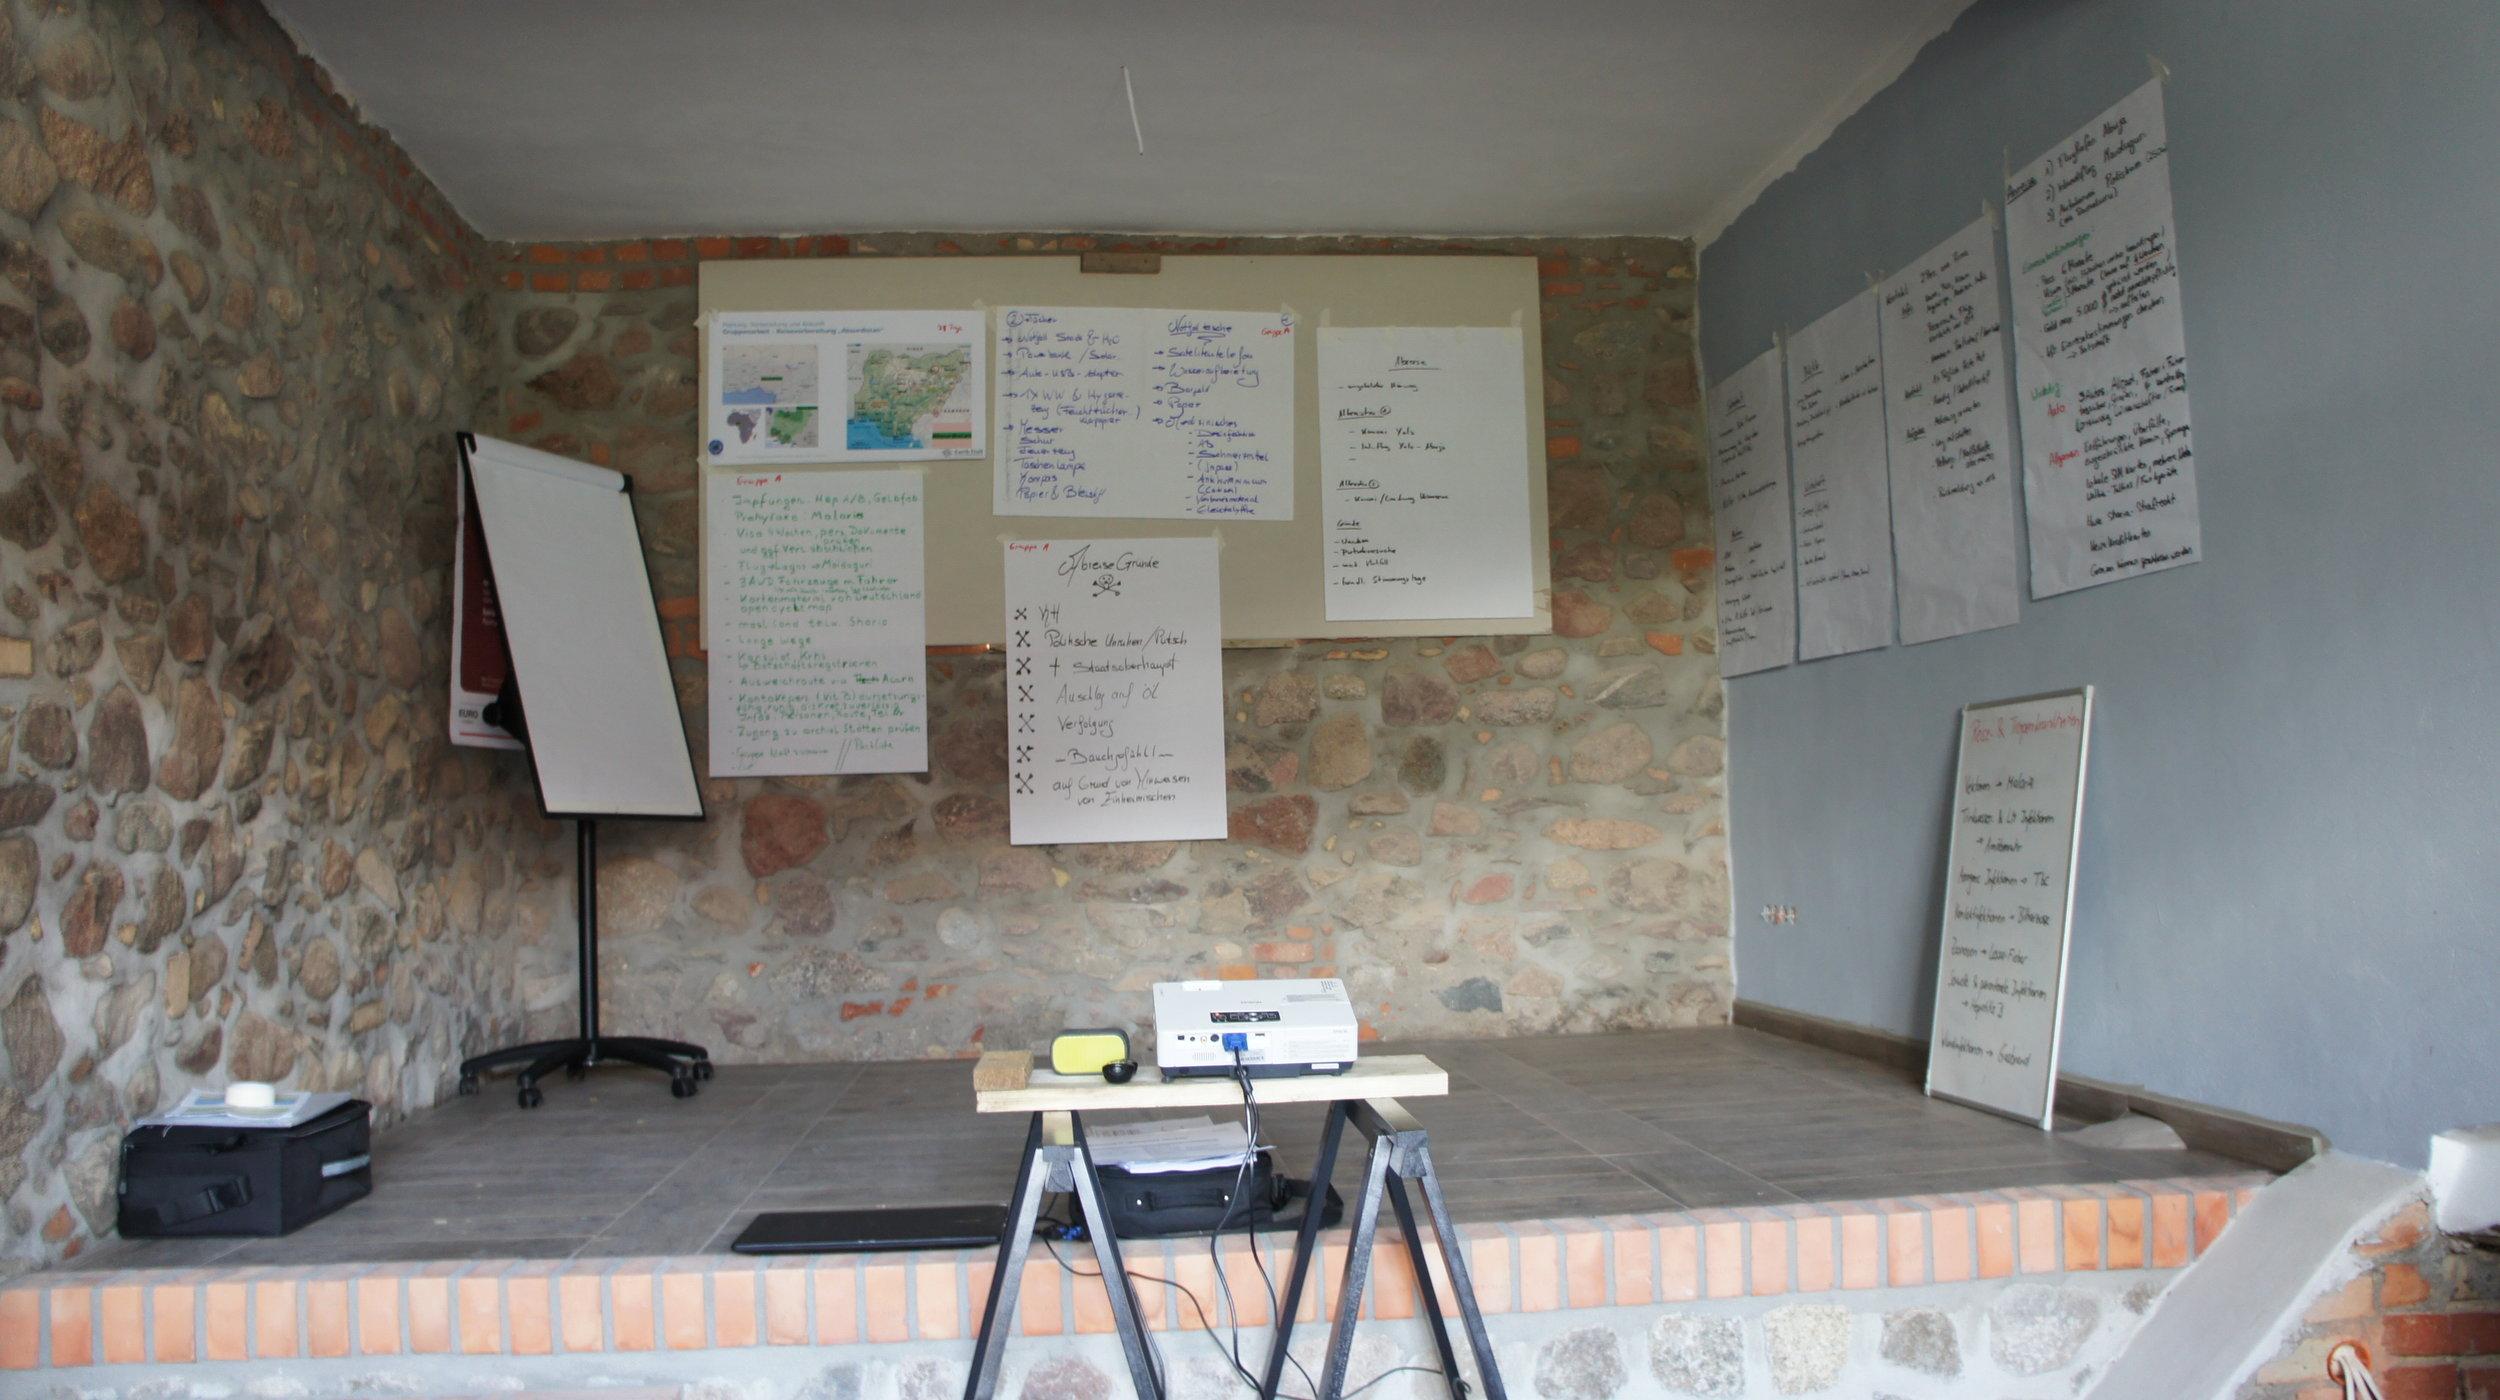 Planung und Vorbereitung